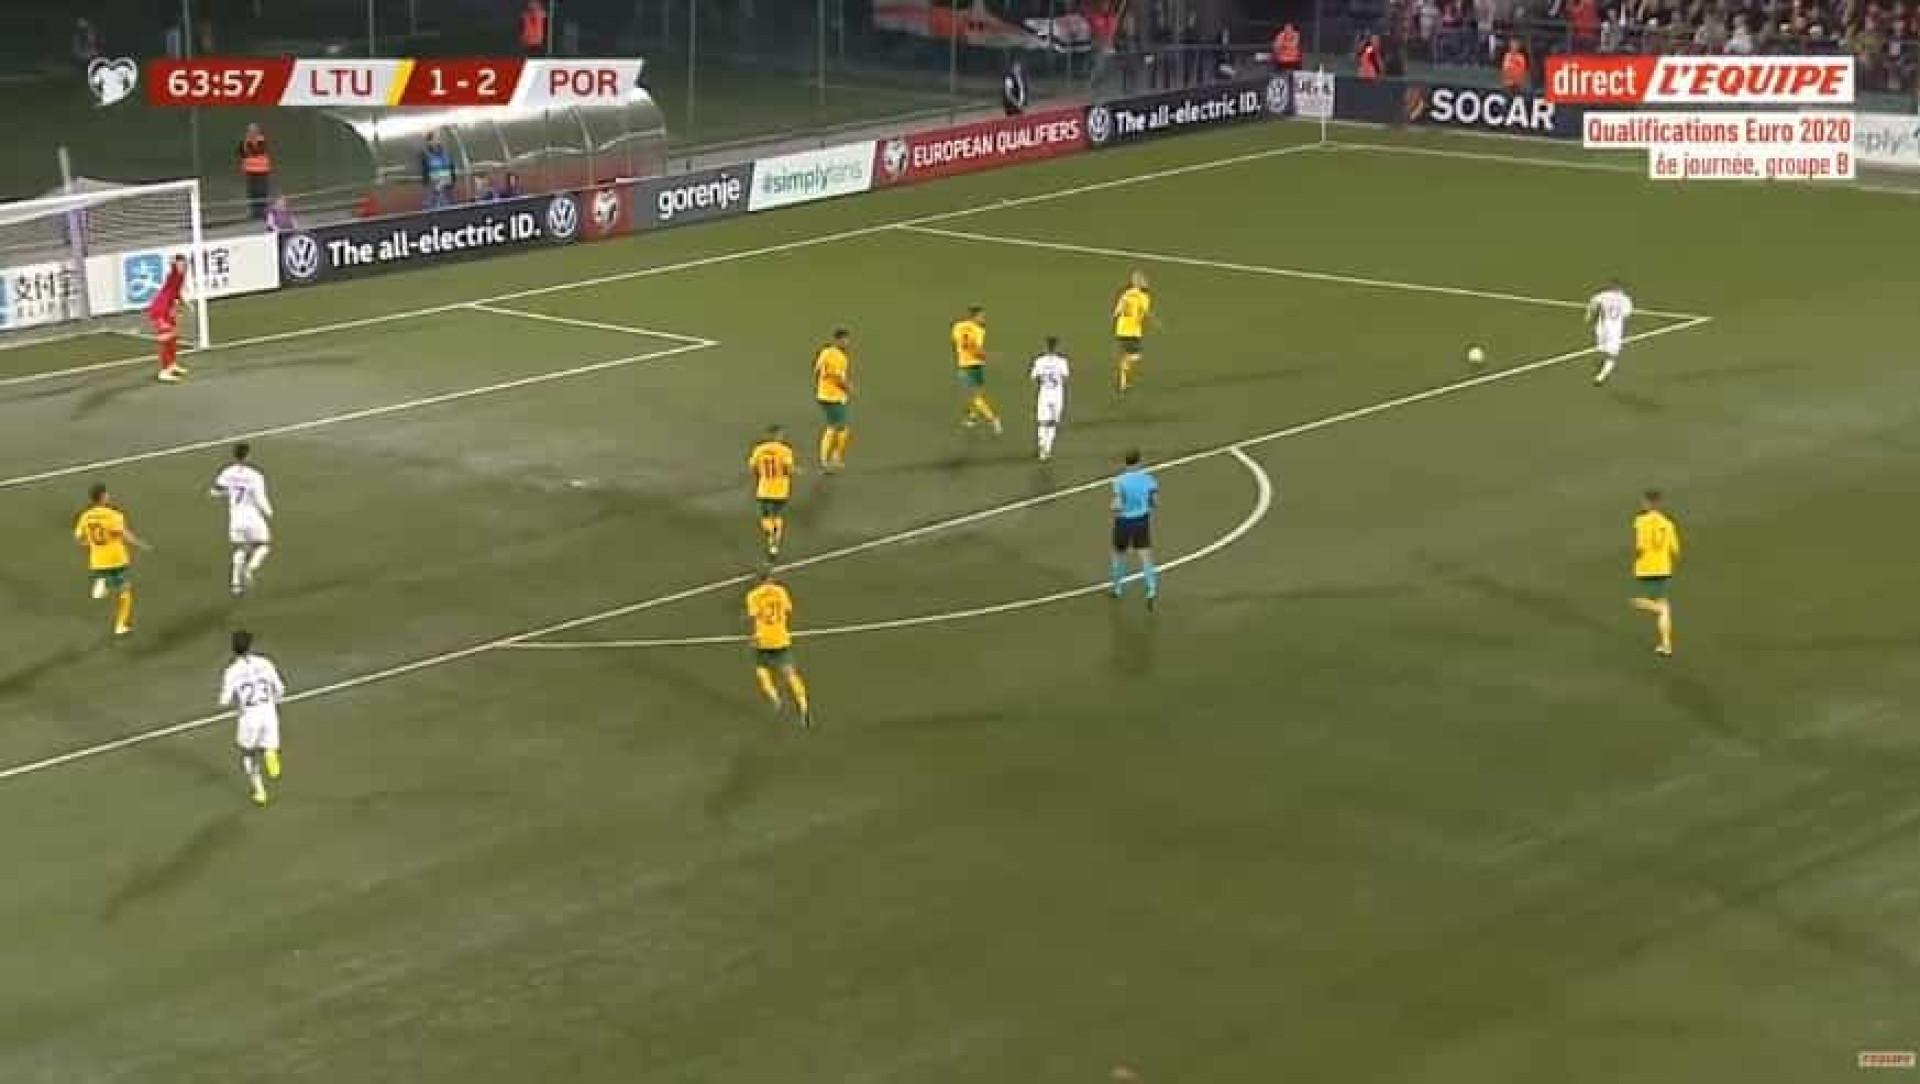 Não há dois sem três: Eis o golo de Ronaldo que 'arrumou' a Lituânia